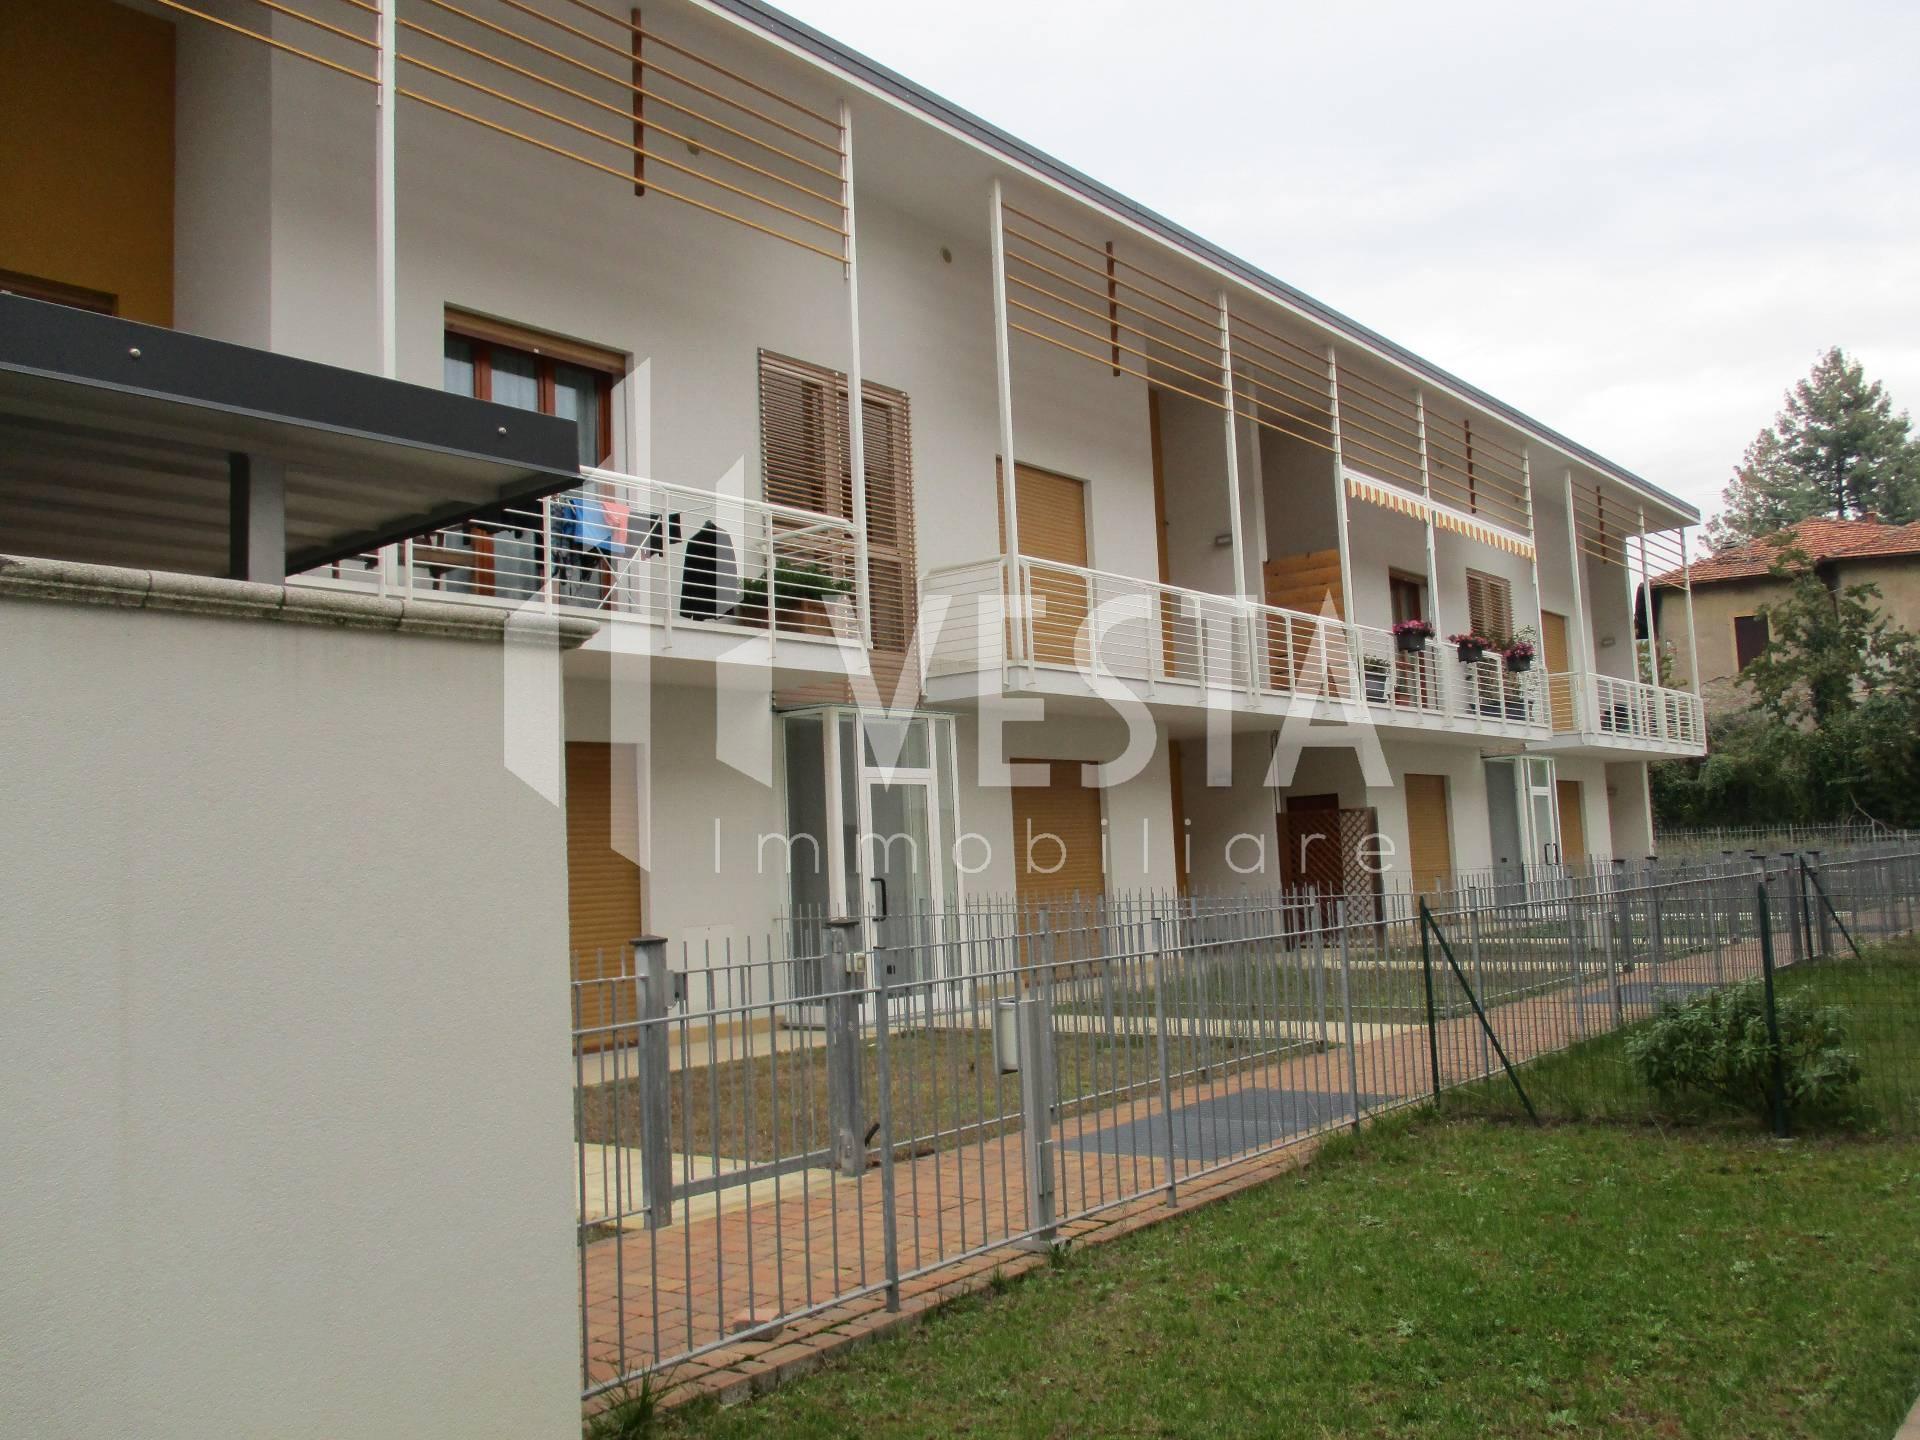 Appartamento in vendita a Olgiate Molgora, 3 locali, prezzo € 185.000 | CambioCasa.it